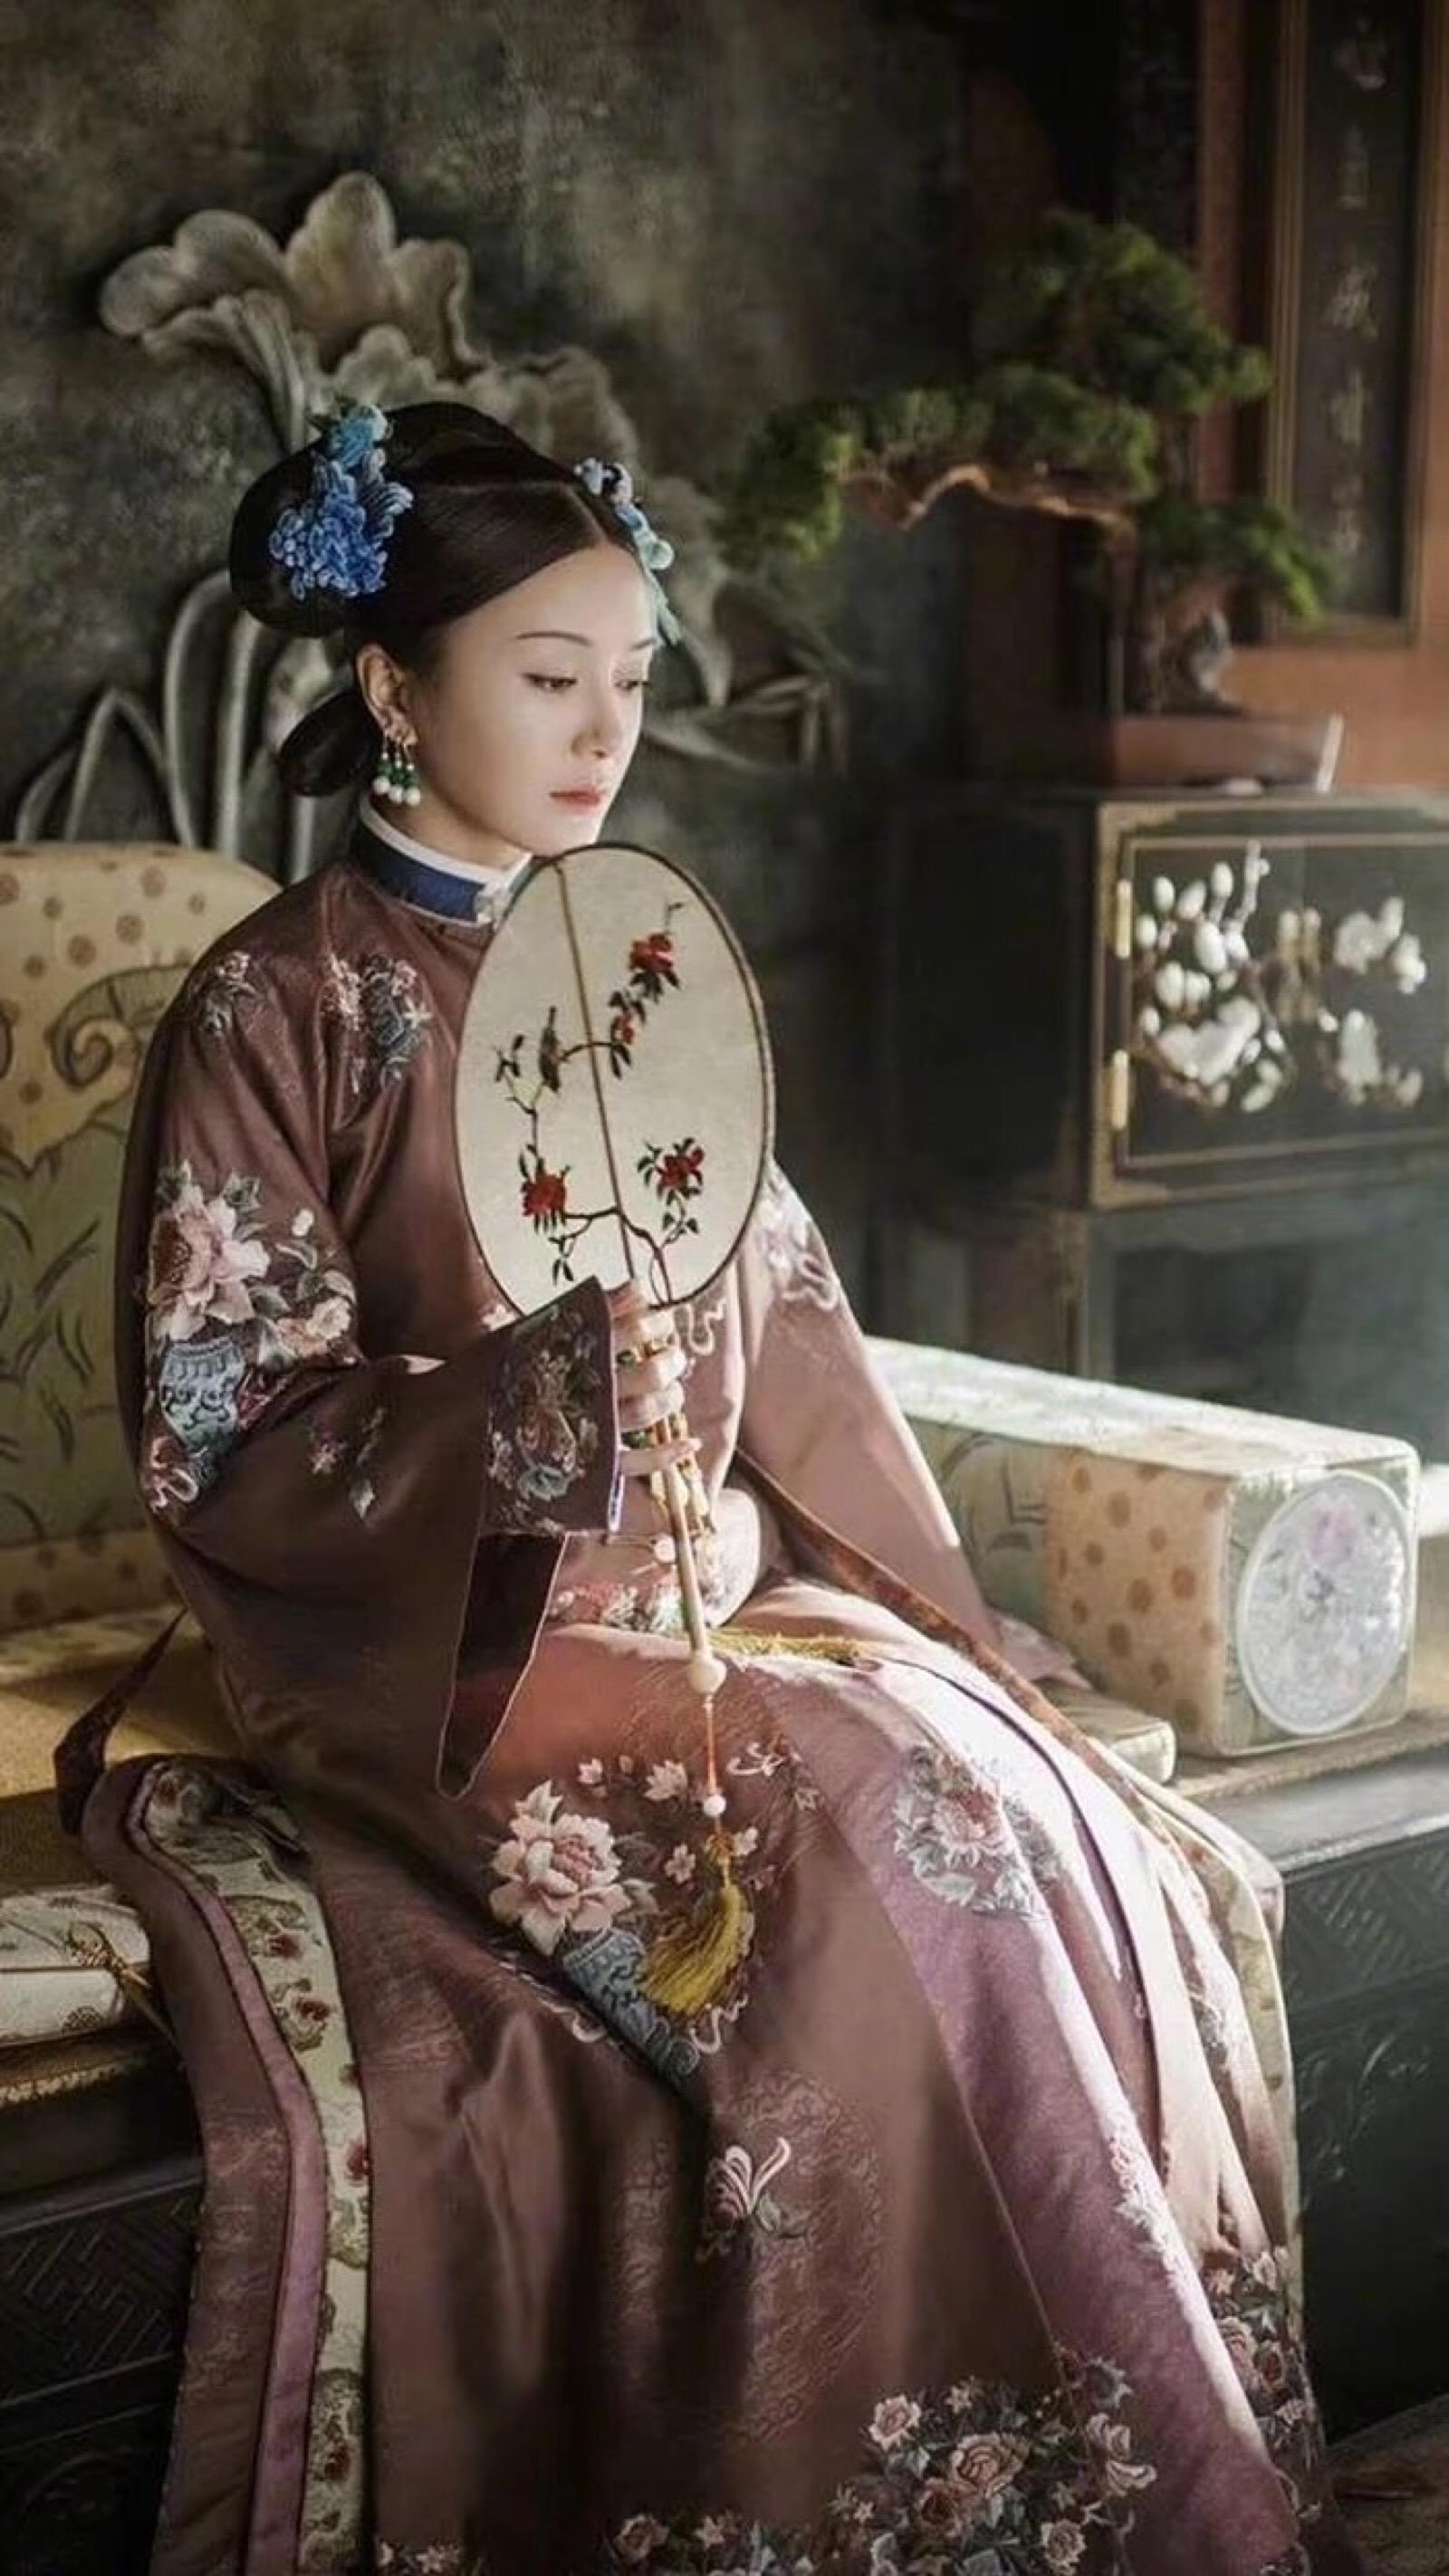 2001年,秦岚因进入个人首部电视剧《大唐情史》正式出演演艺圈.李佳航最好看的电视剧图片